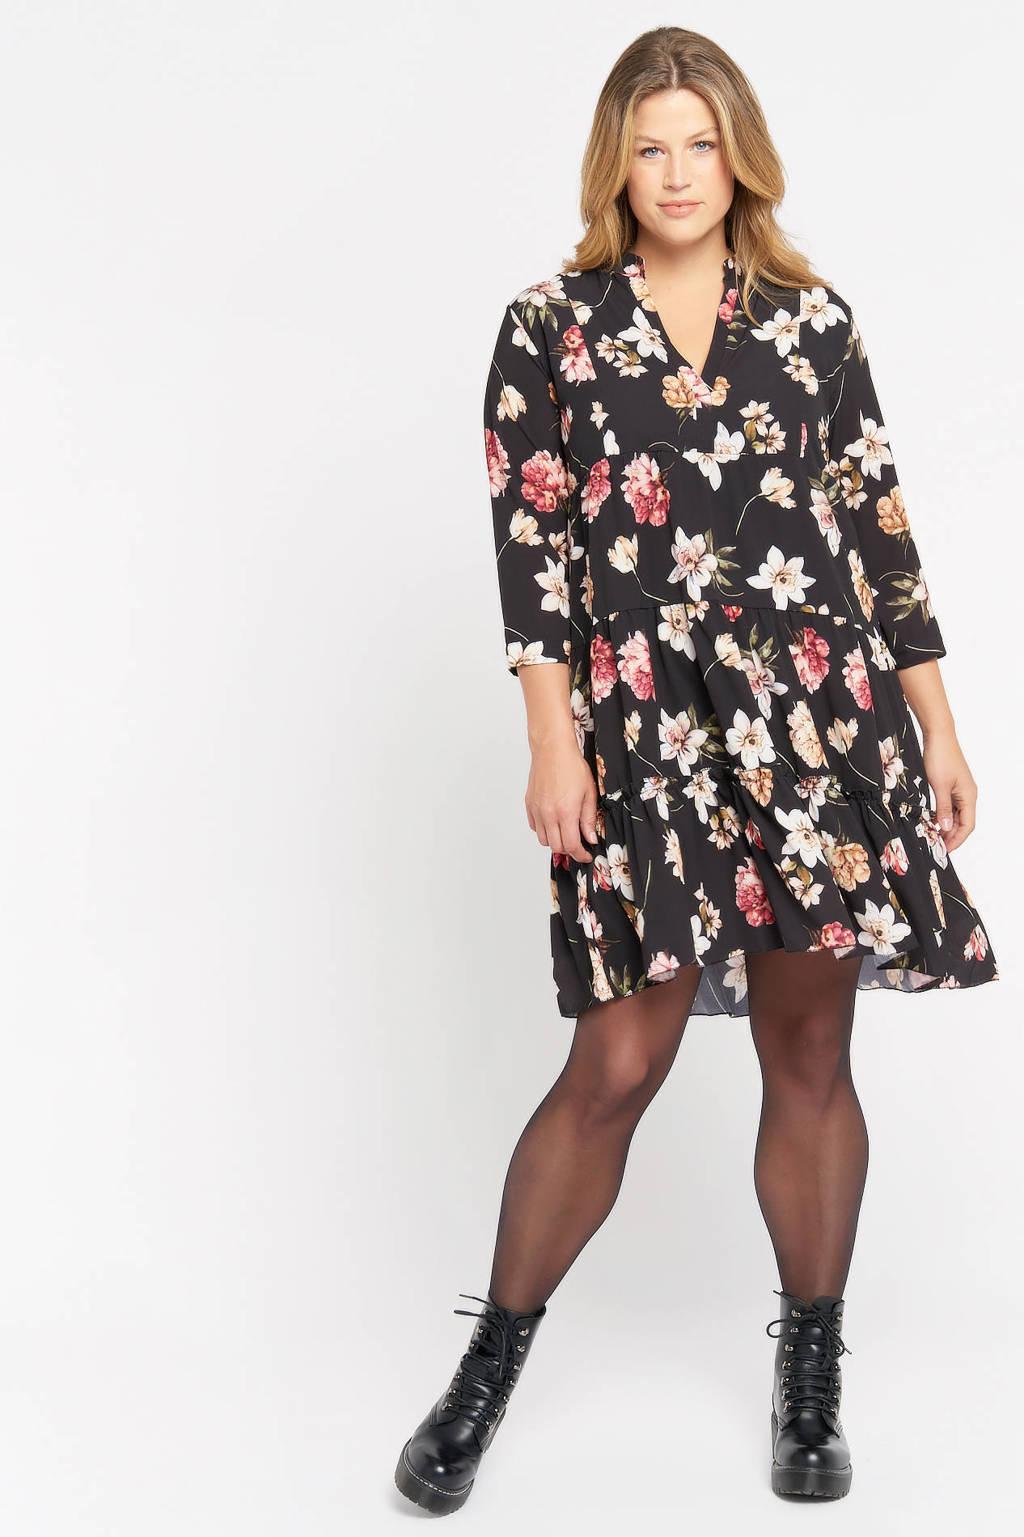 LOLALIZA gebloemde jurk zwart/roze, Zwart/roze